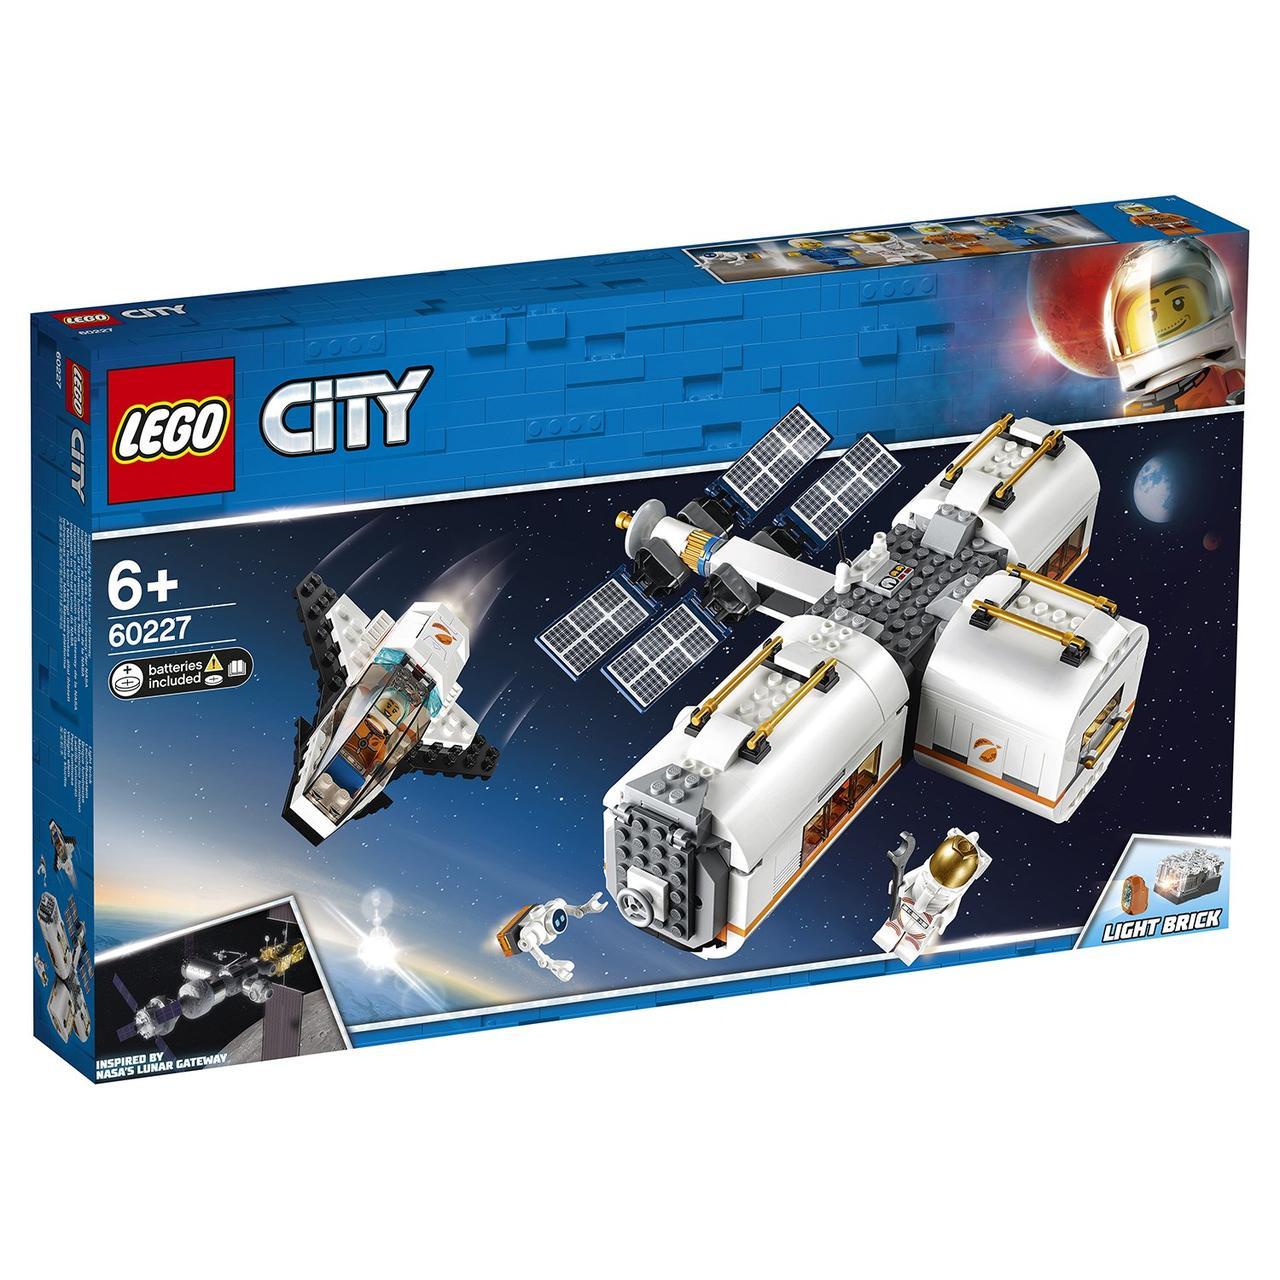 60227 Lego City Лунная космическая станция, Лего Город Сити